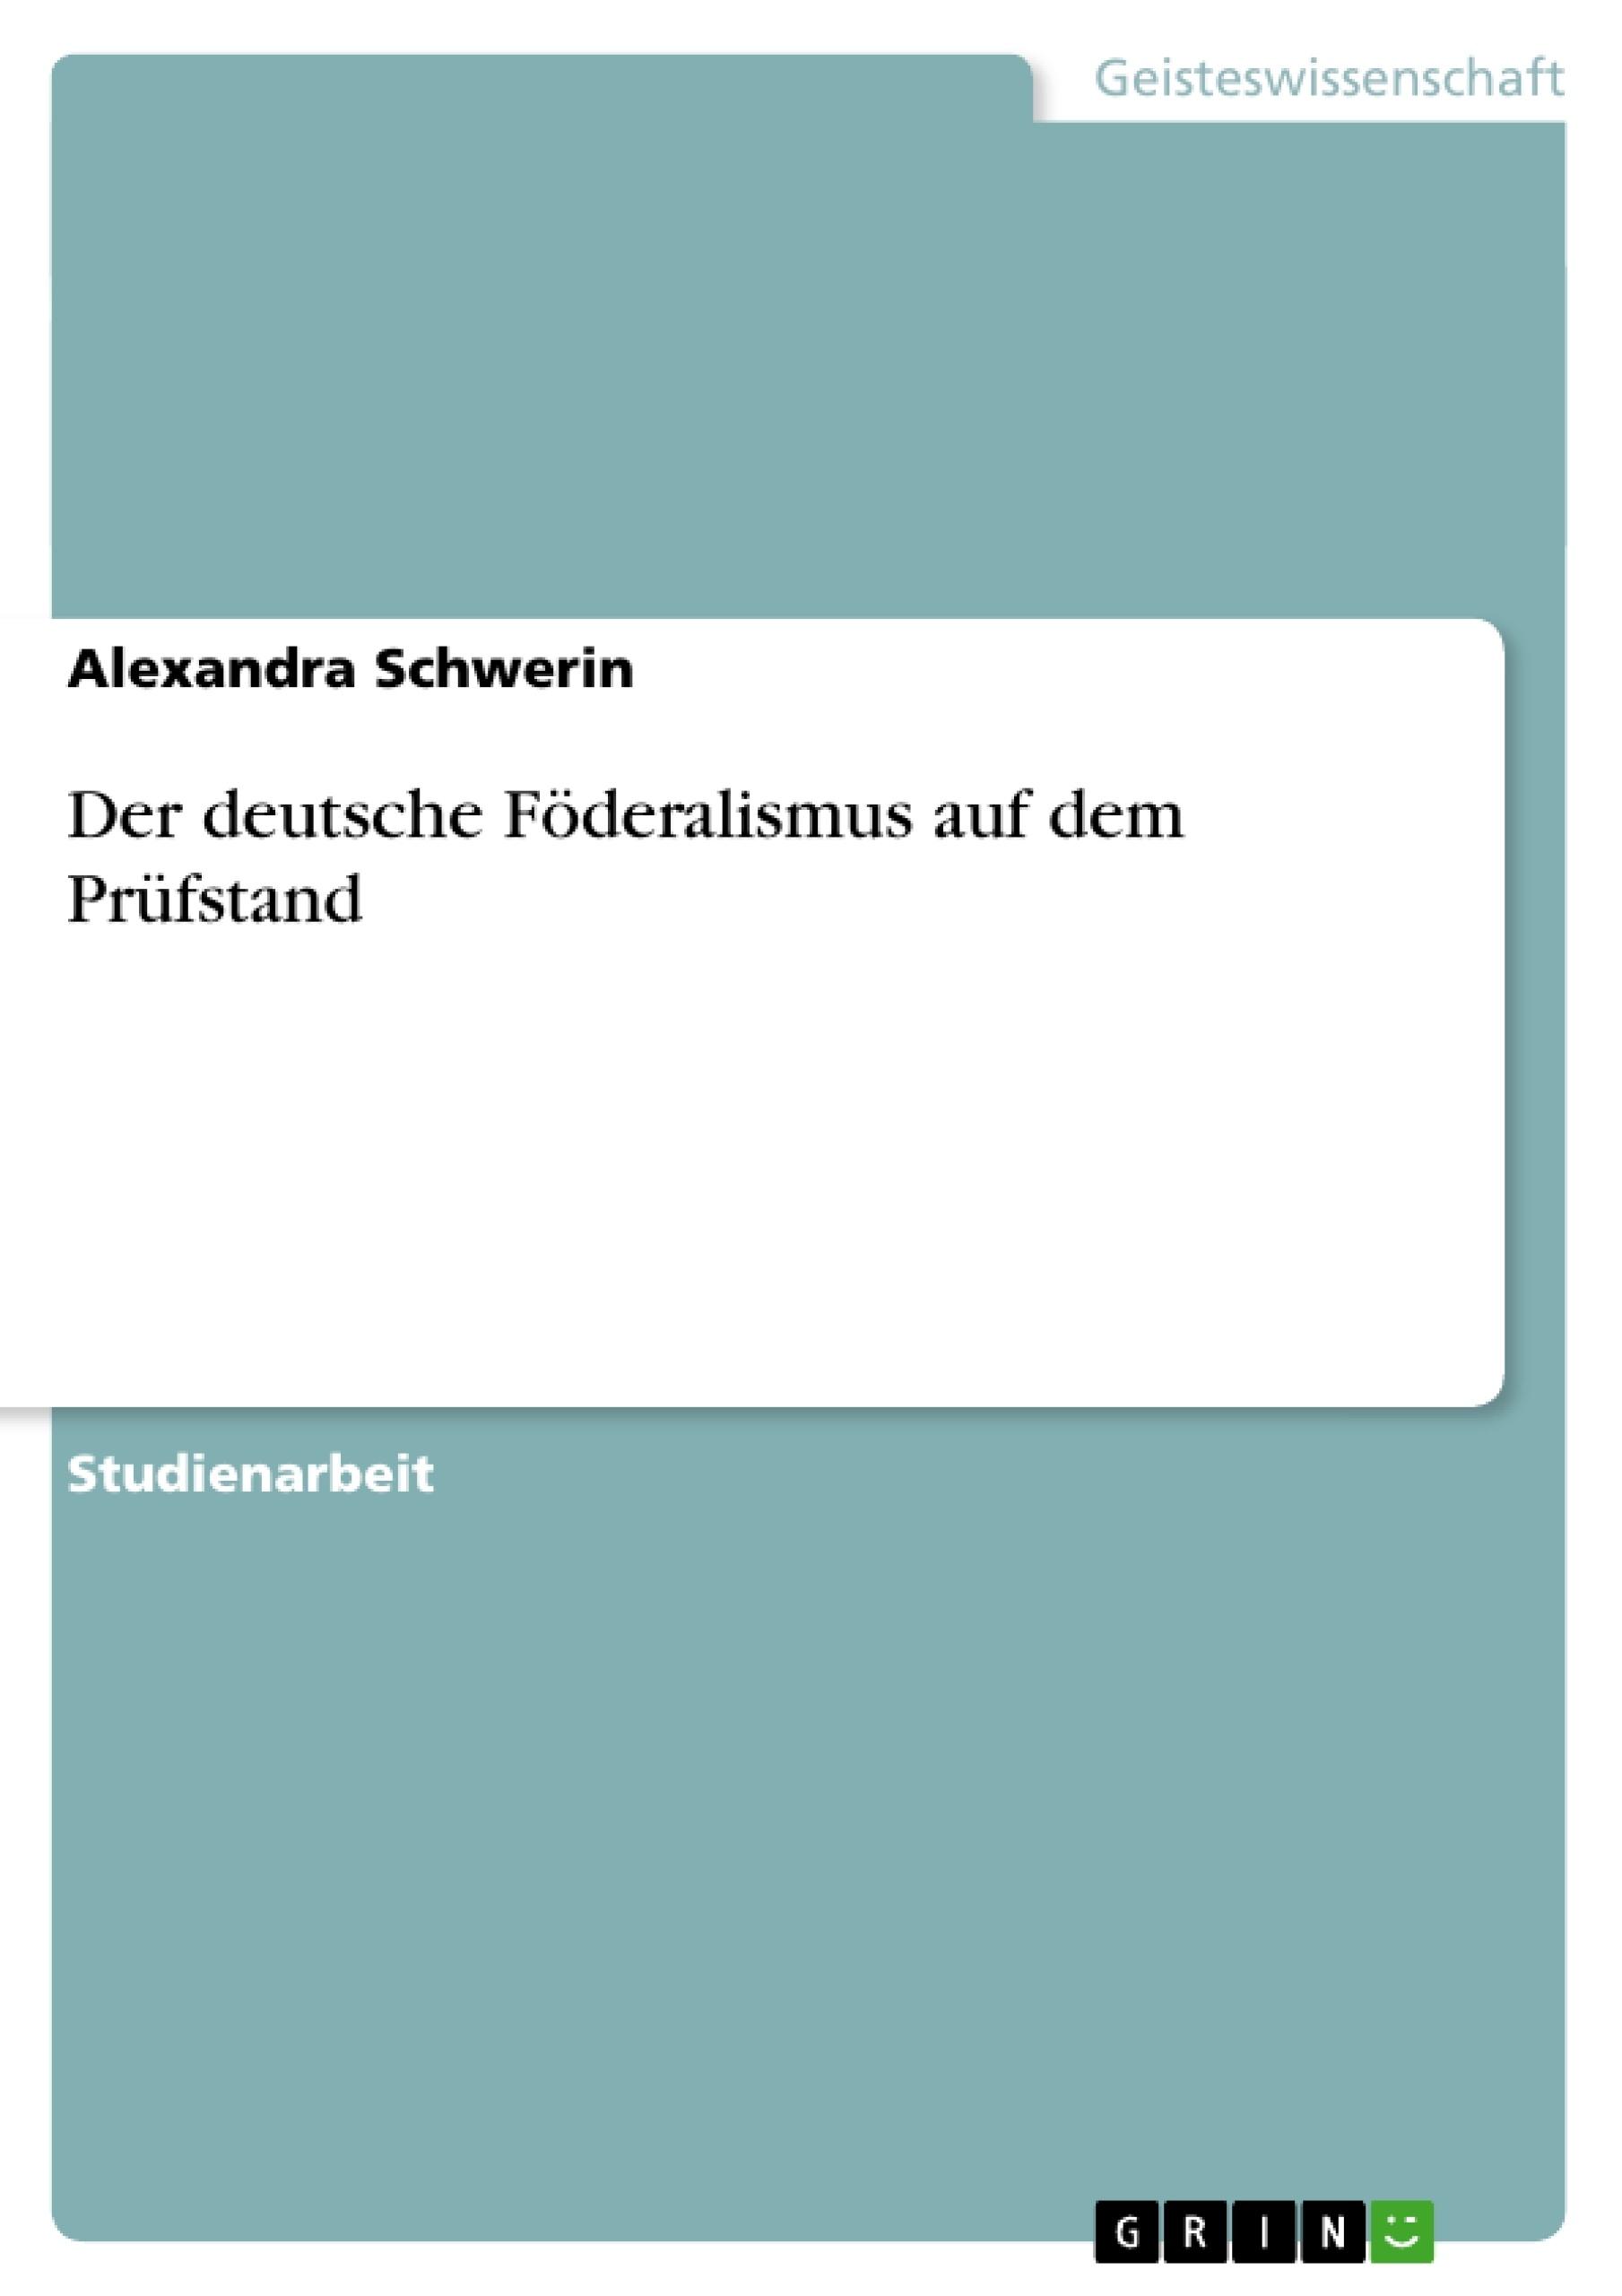 Titel: Der deutsche Föderalismus auf dem Prüfstand